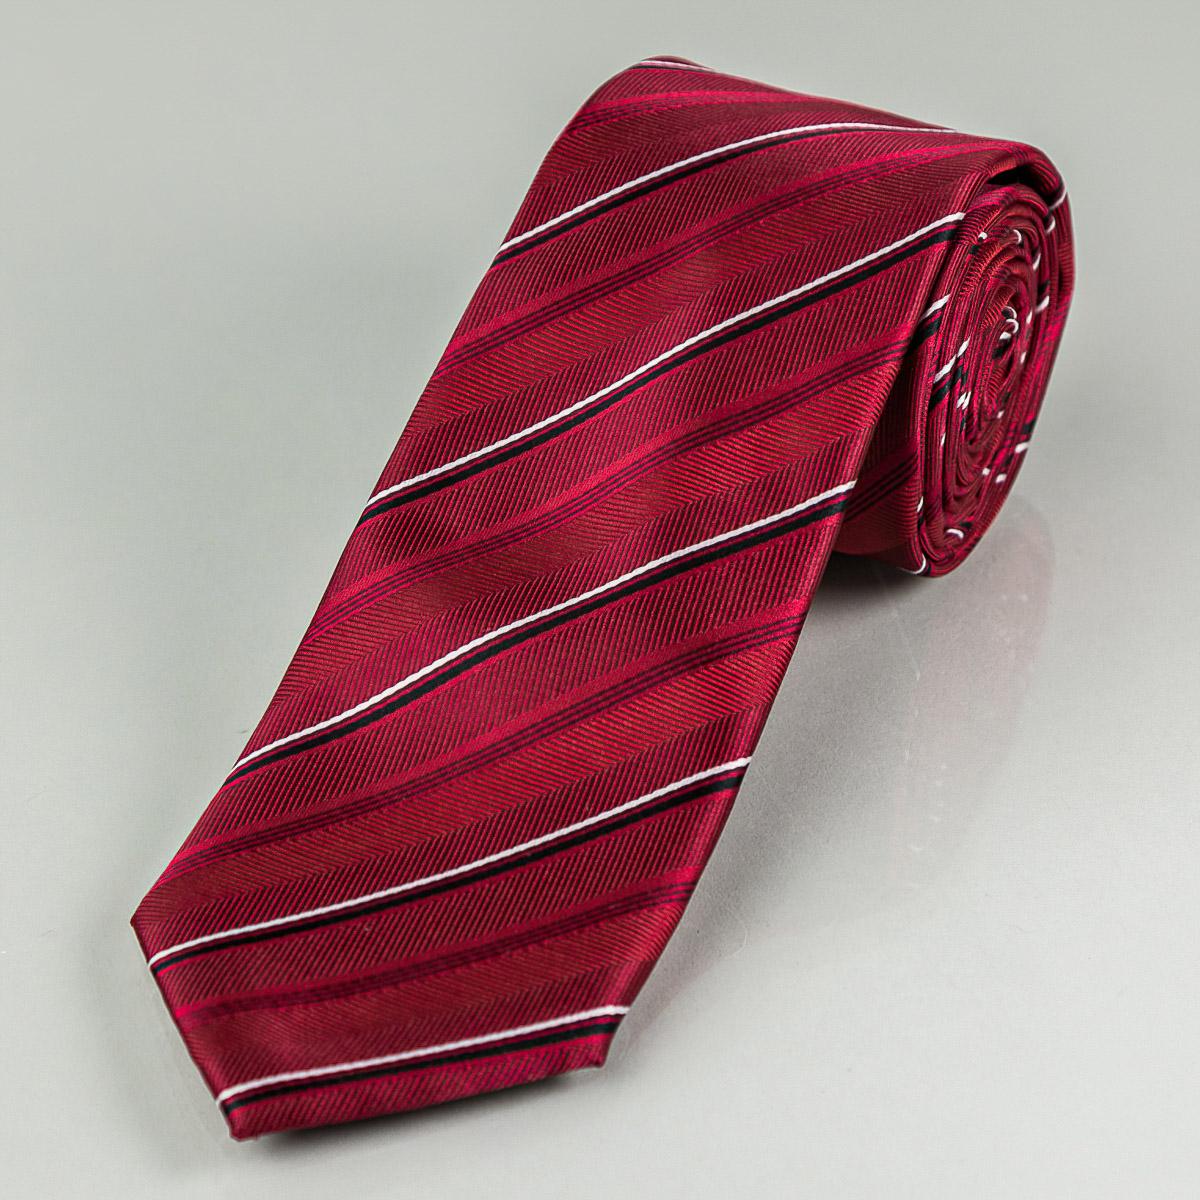 Kravata pánská AMJ proužkovaná KU1059, červená